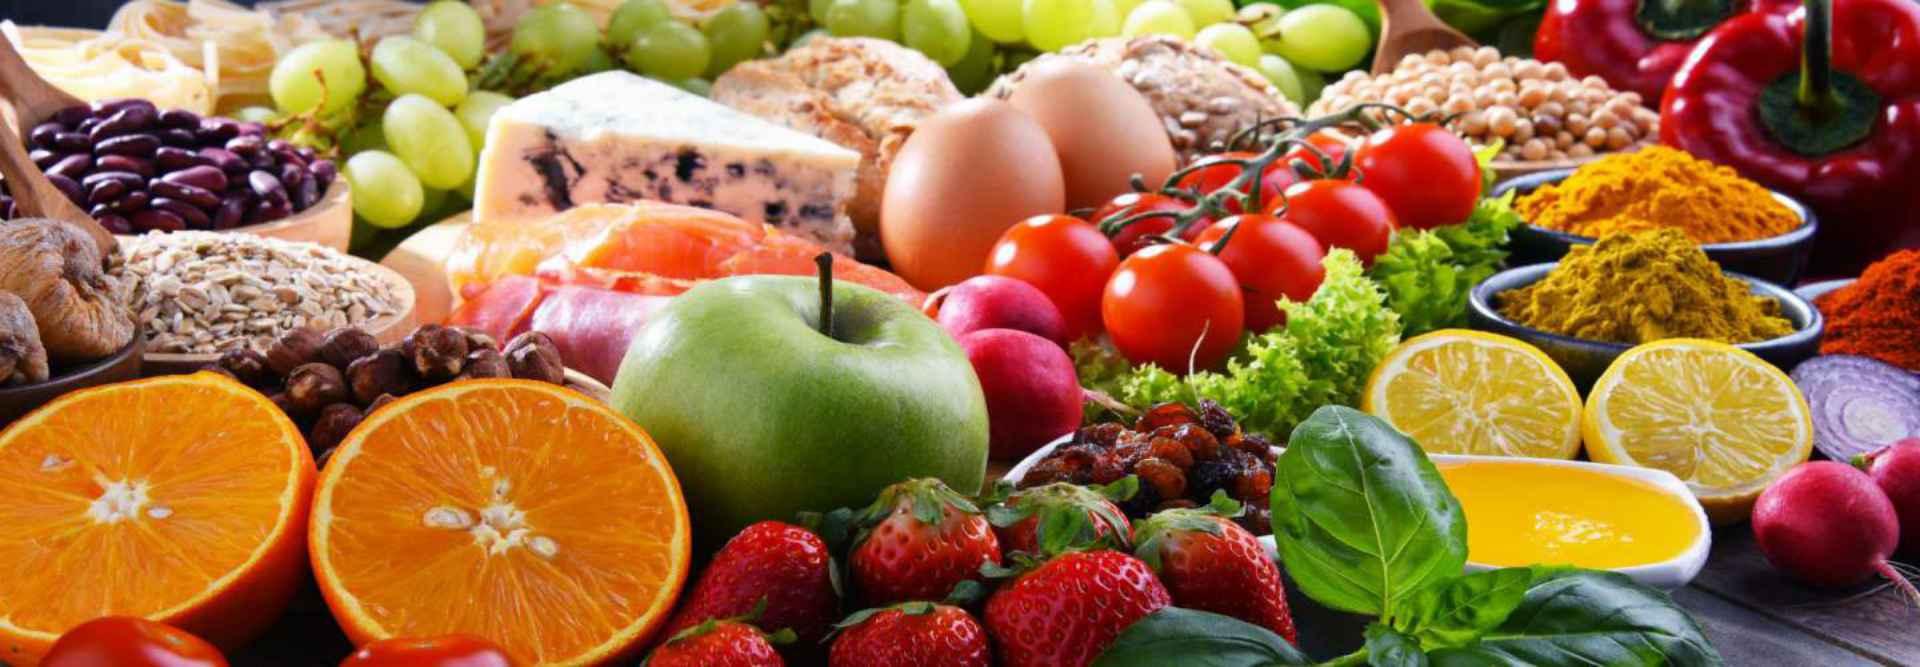 Vitello filetto cotto: contenuti nutrizionali